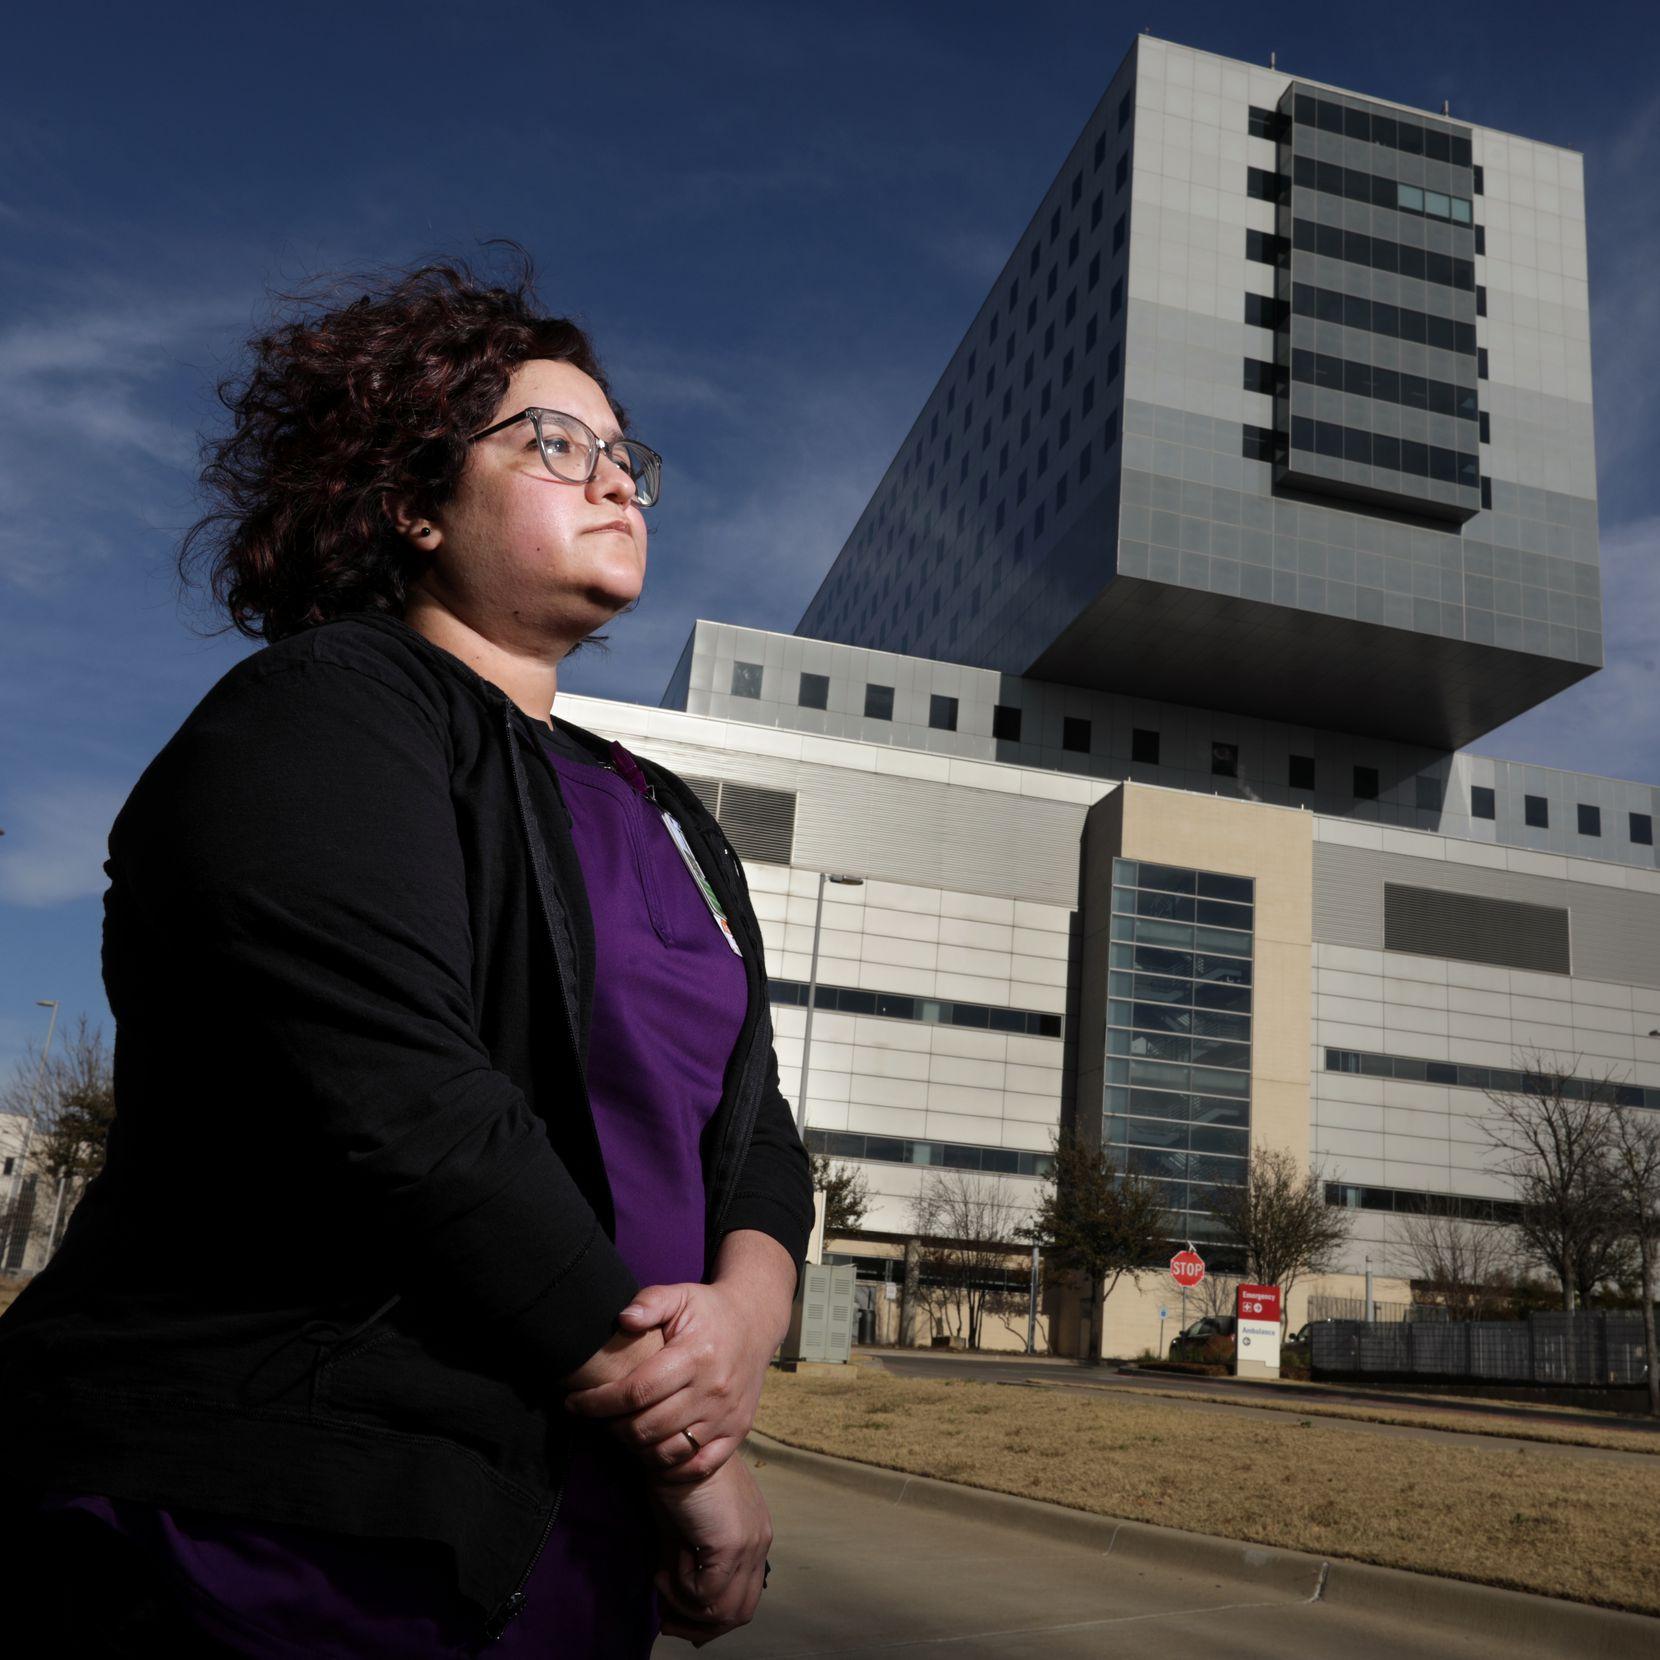 Alejandra Hernández traduce al inglés para pacientes que solo hablan español. La pandemia reafirmó su compromiso con la salud, dijo la traductora del Hospital Parkland.